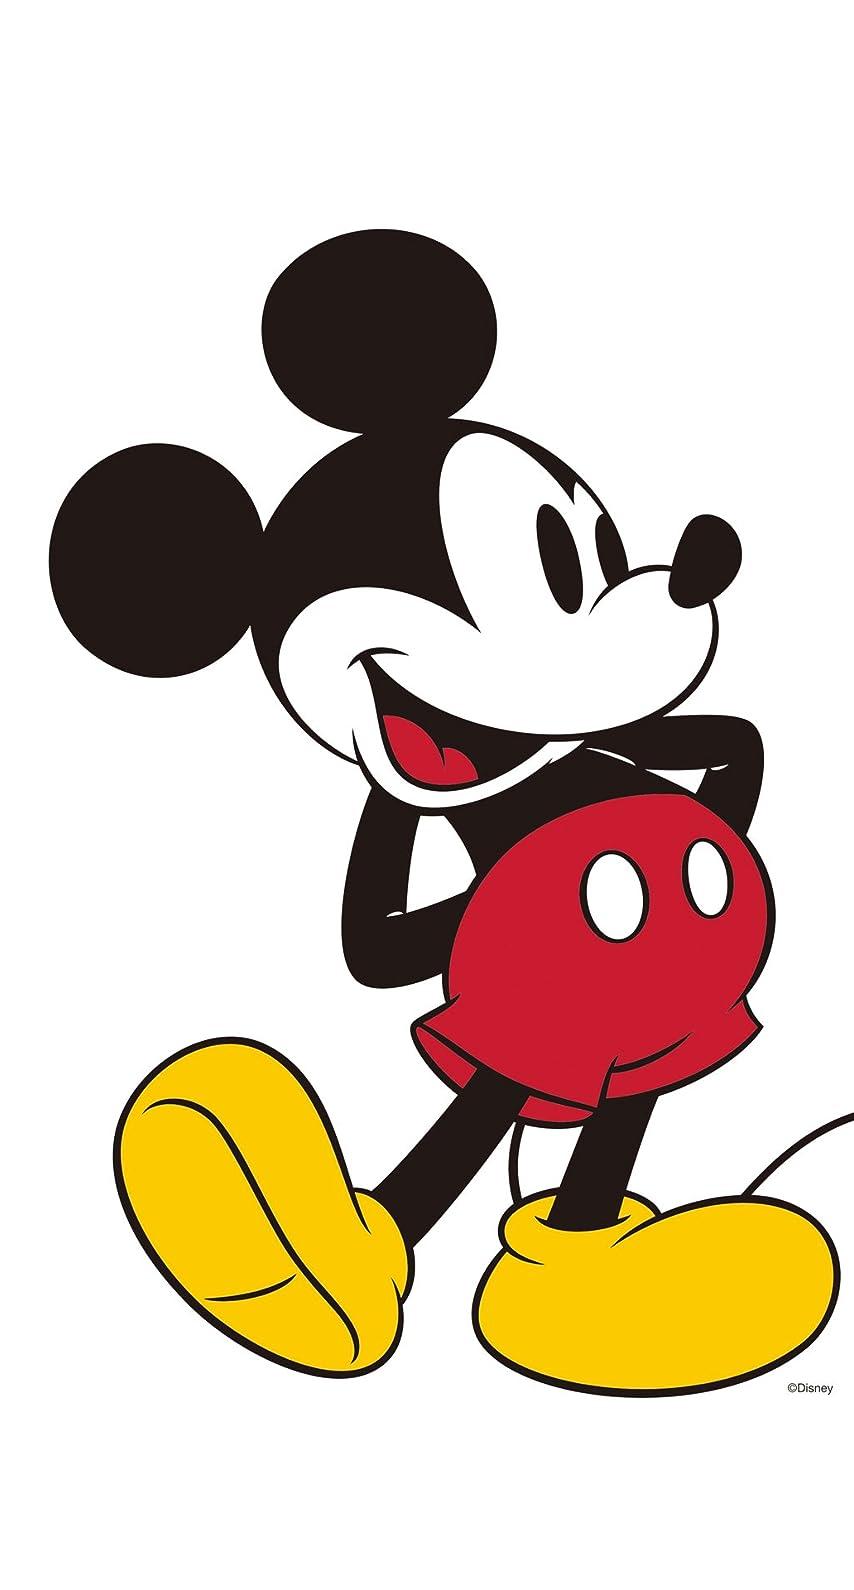 ディズニー ミッキーマウス(Pen 2010年 12/15号の表紙) iPhone8/7/6s/6 壁紙 視差効果 画像31077 スマポ